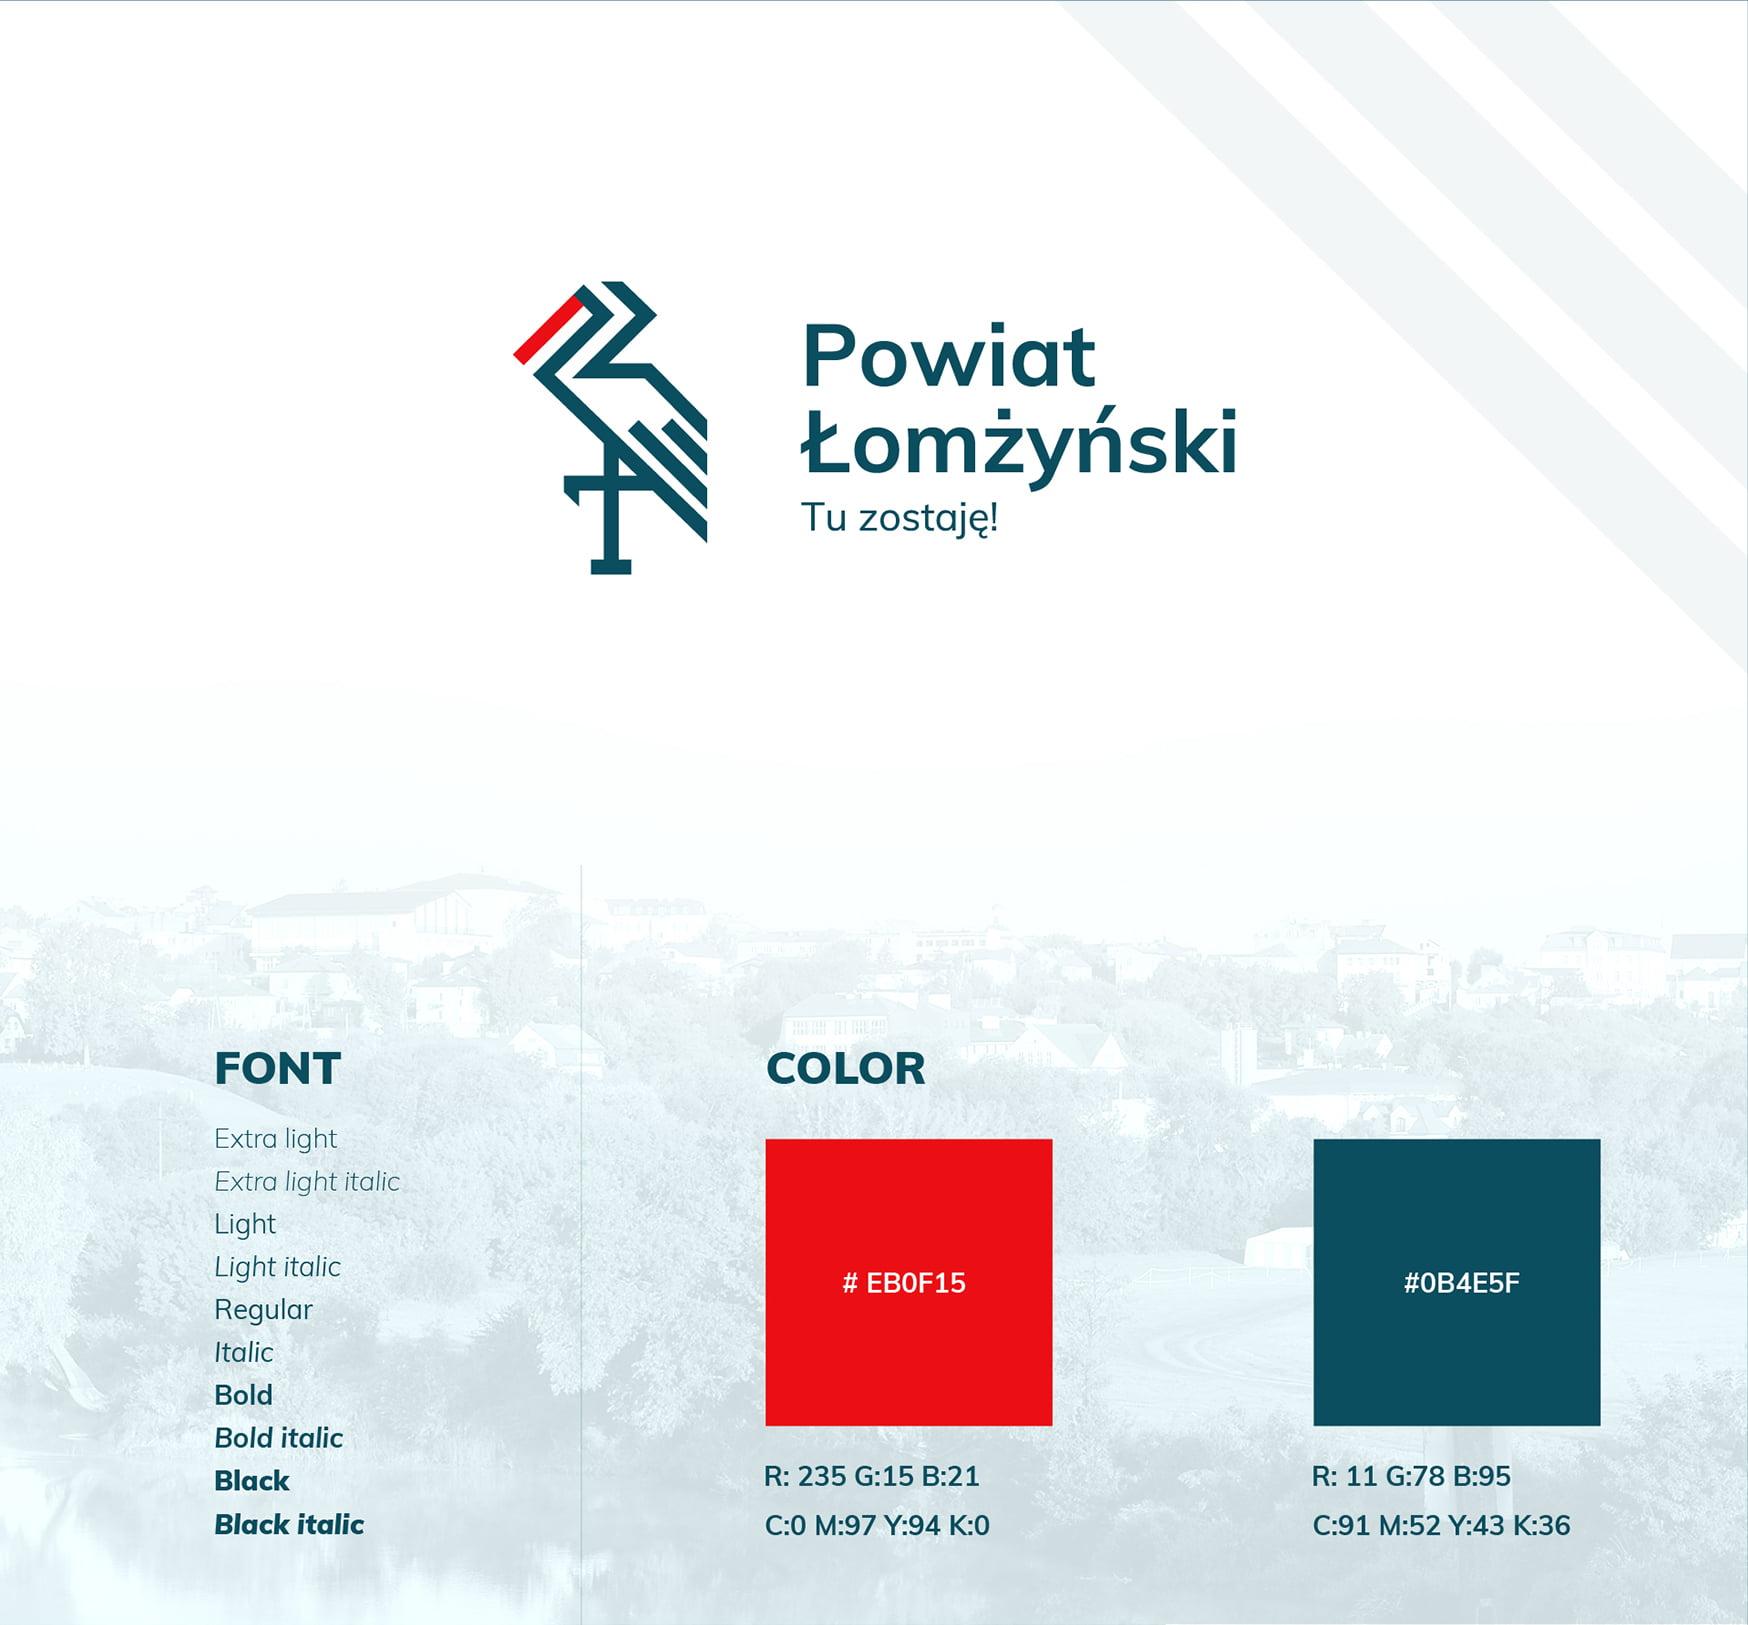 Powiat Łomżyński